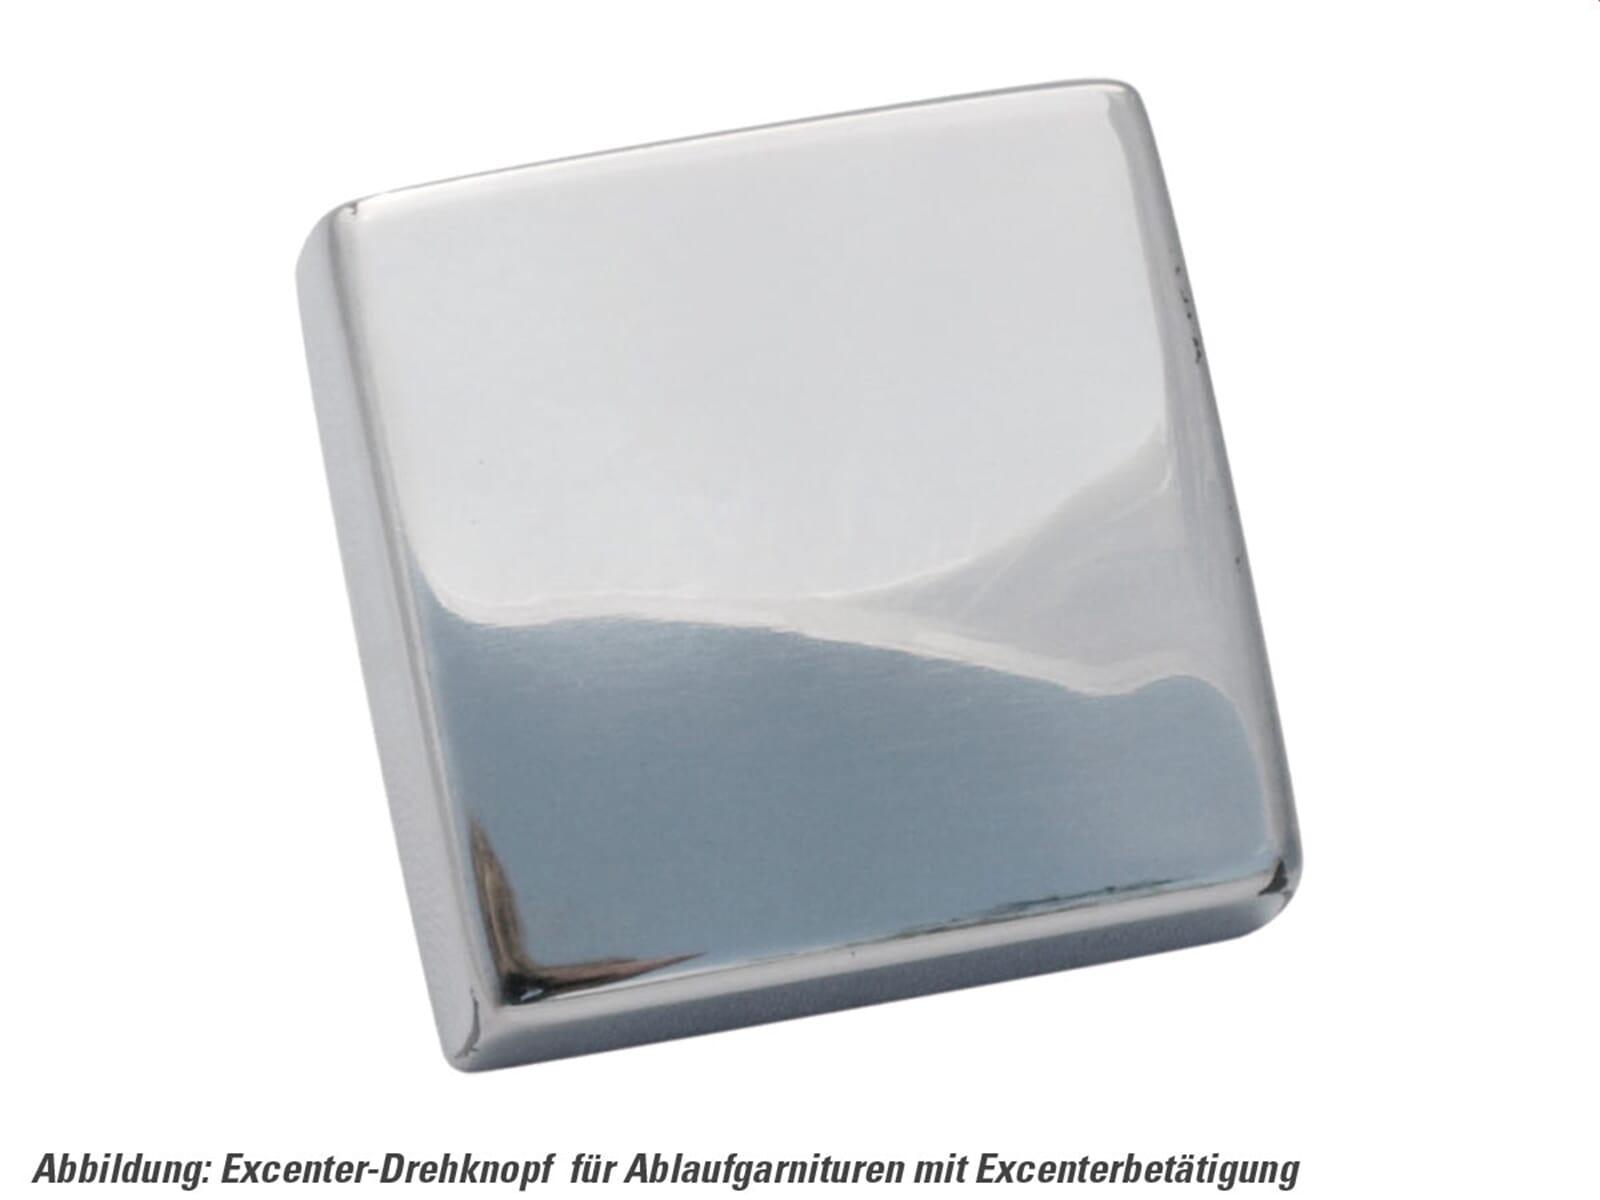 Produktabbildung Excenterbetätigung mit Drehgriff Edelstahl glänzend eckig